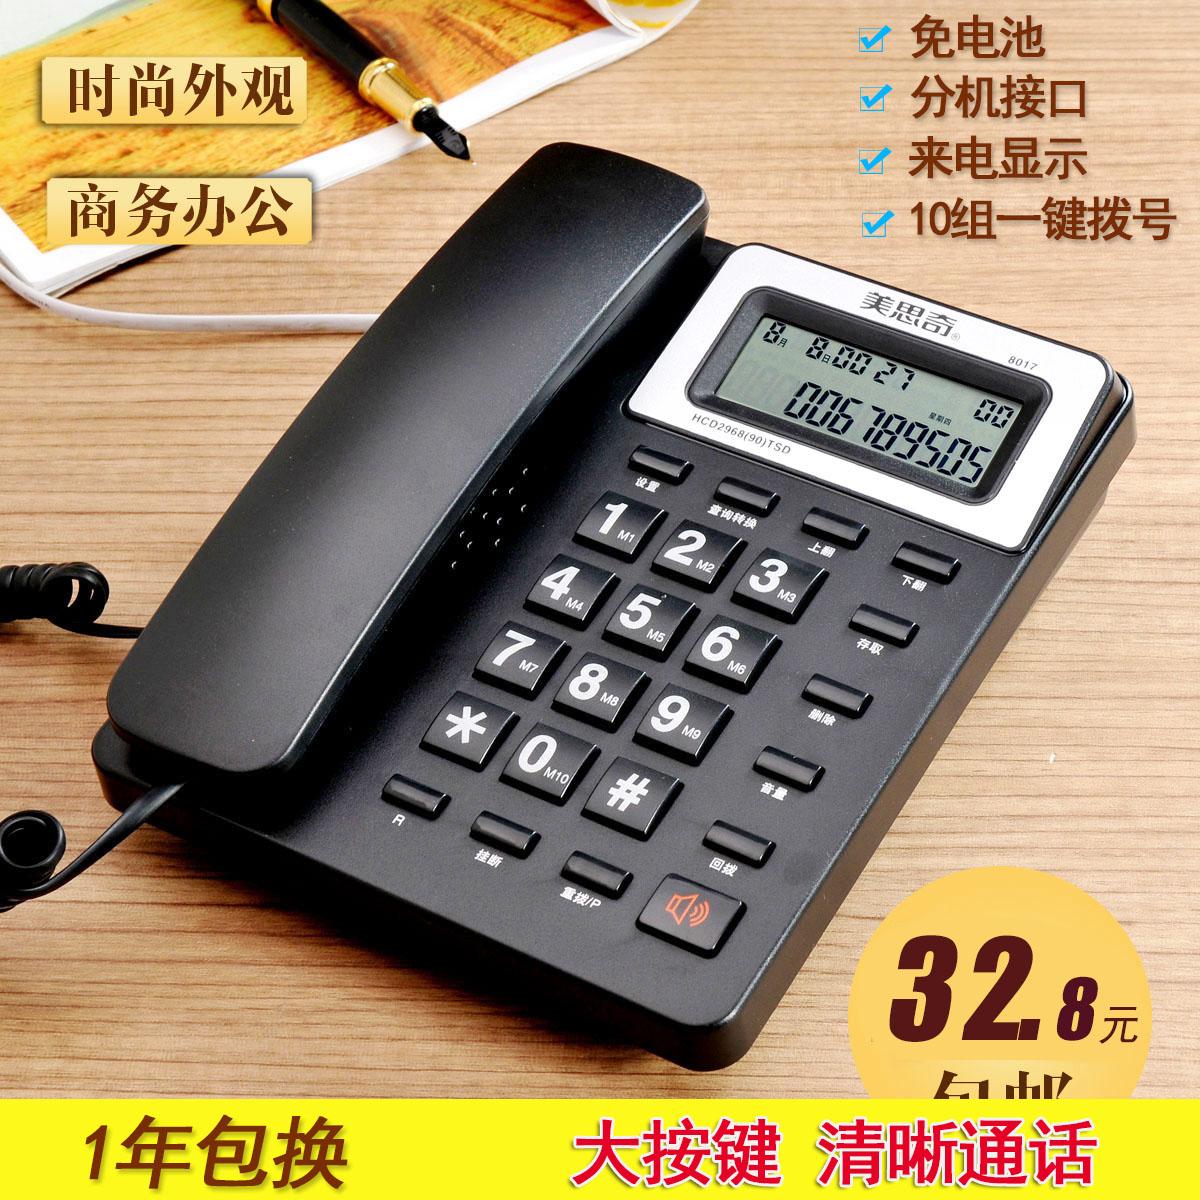 一键奇v电信电信酒店电话机美思通家用显示来电座机有线固定话时尚